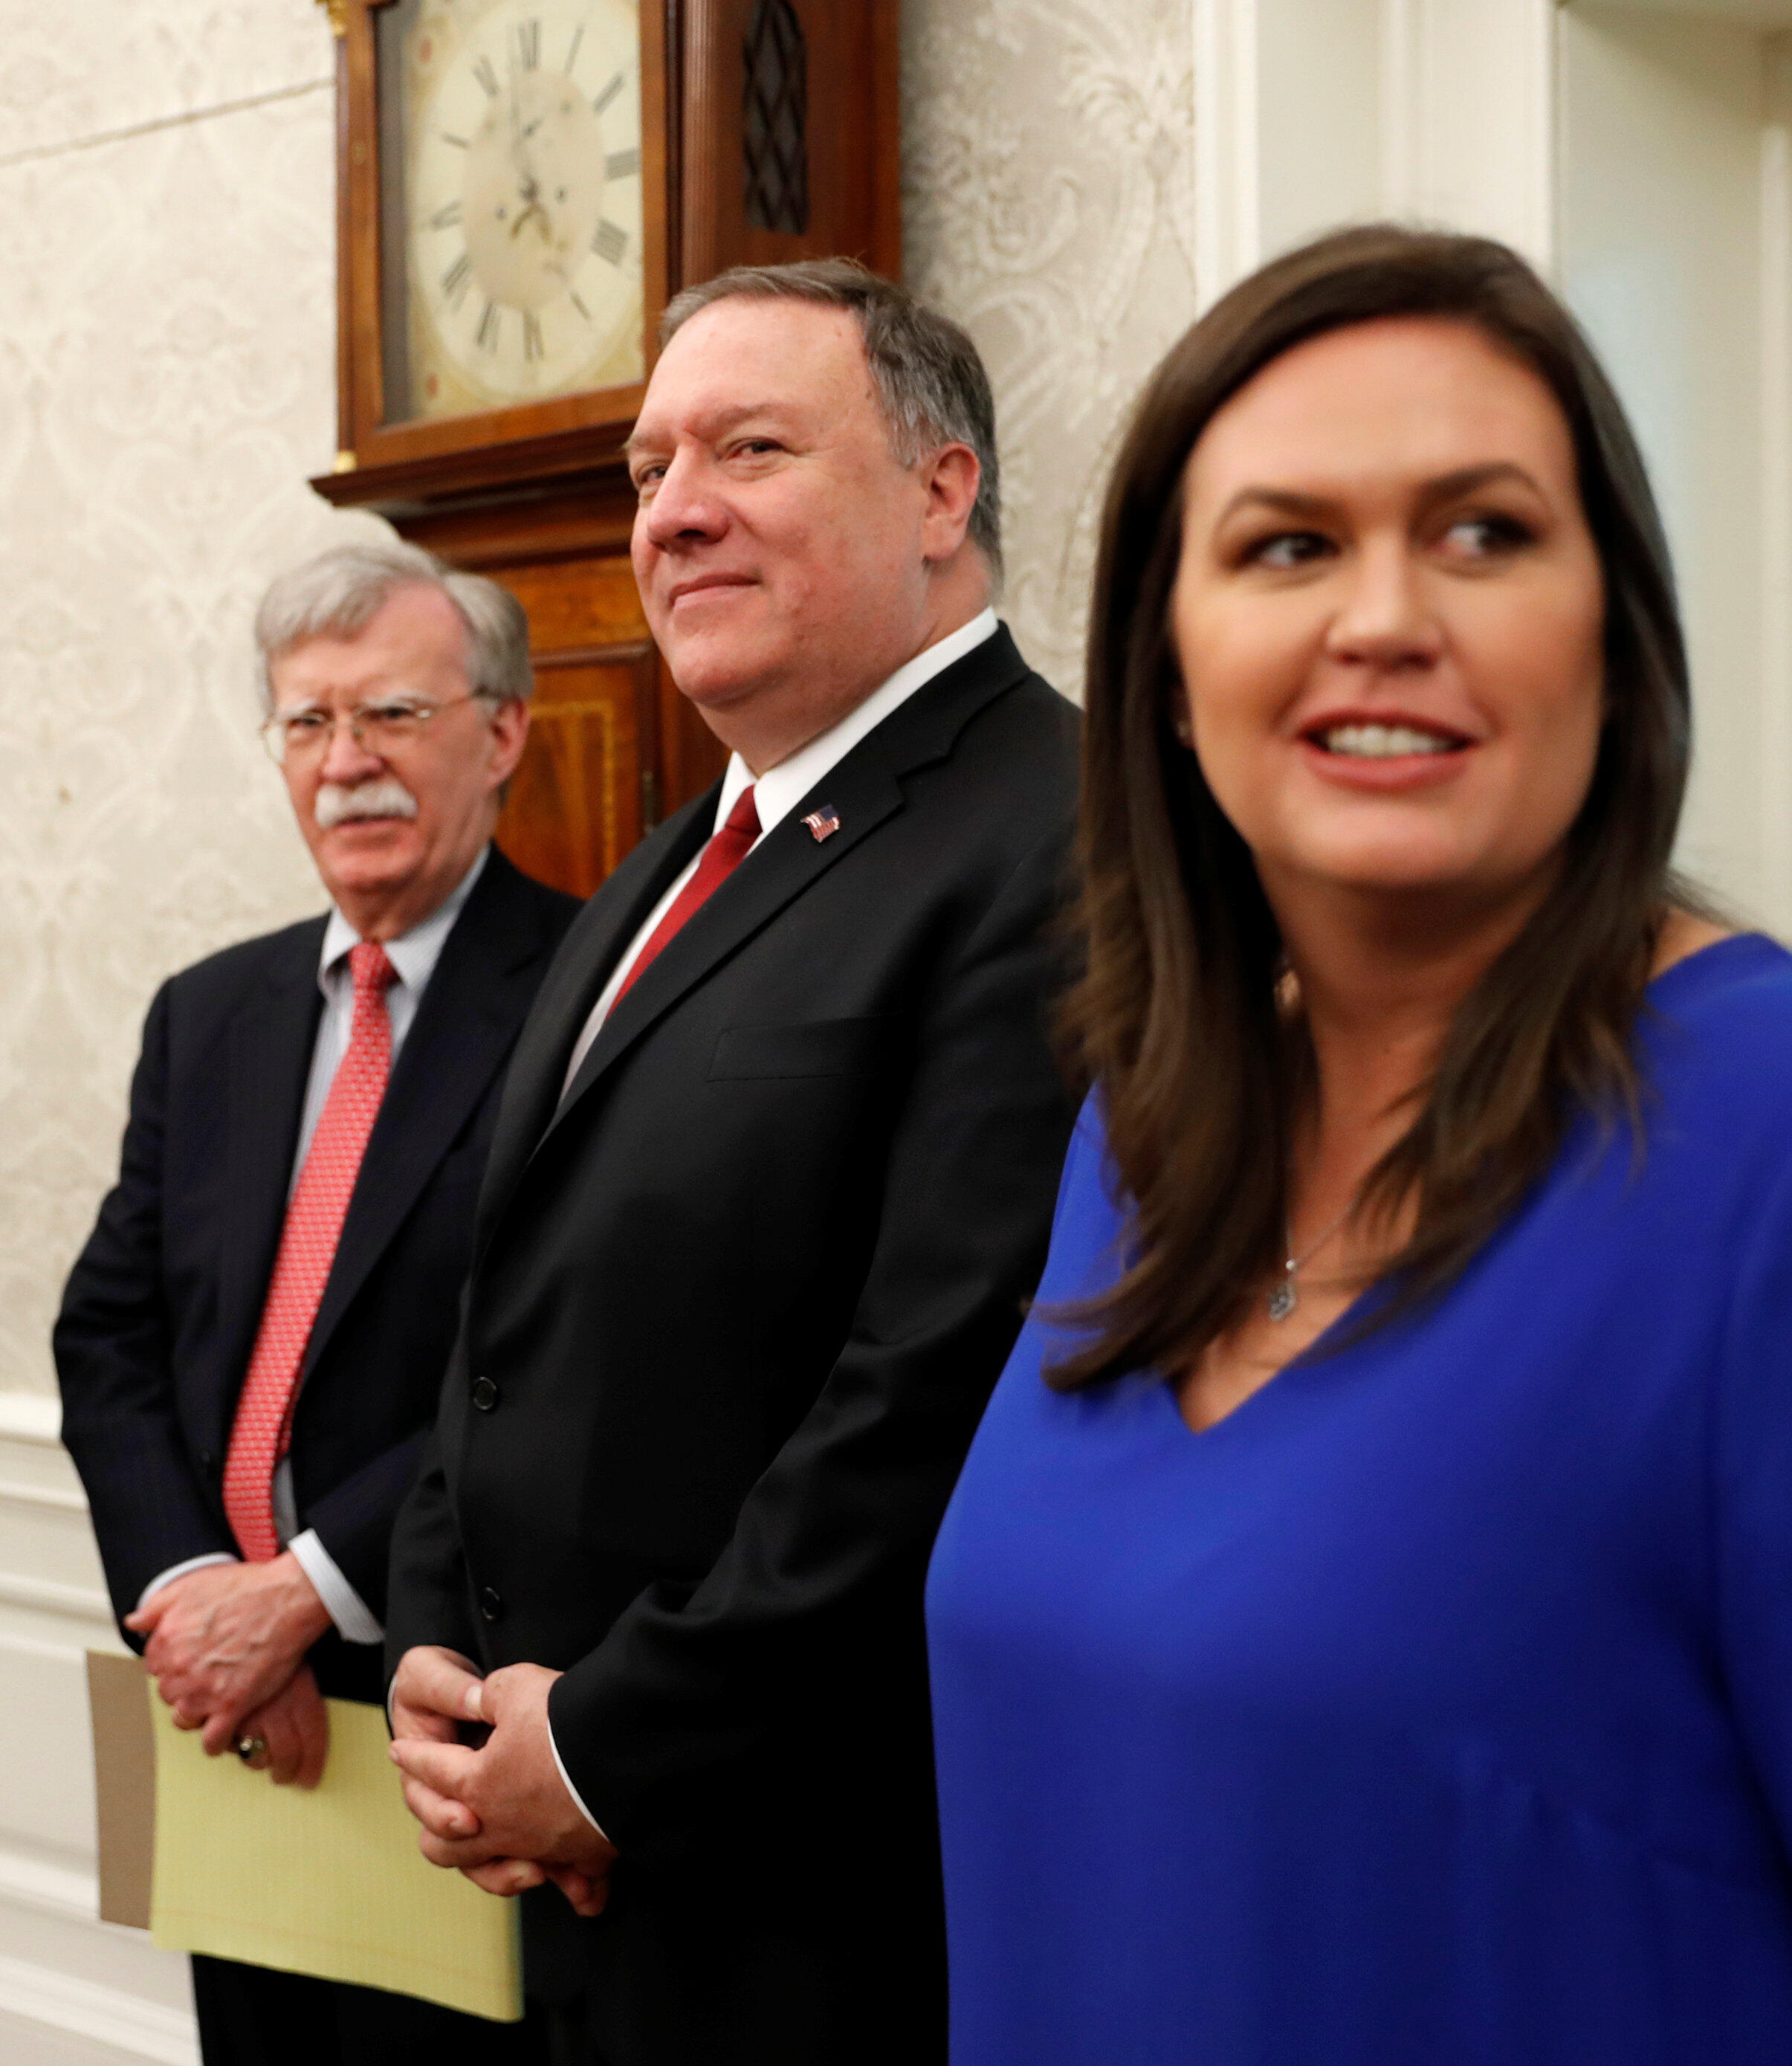 Cố vấn an ninh quốc gia Hoa Kỳ John Bolton (T), ngoại trưởng Mike Pompeo (G) và phát ngôn viên Nhà Trắng Sarah Sanders, tại Nhà Trắng, Washington, ngày 26/04/2019